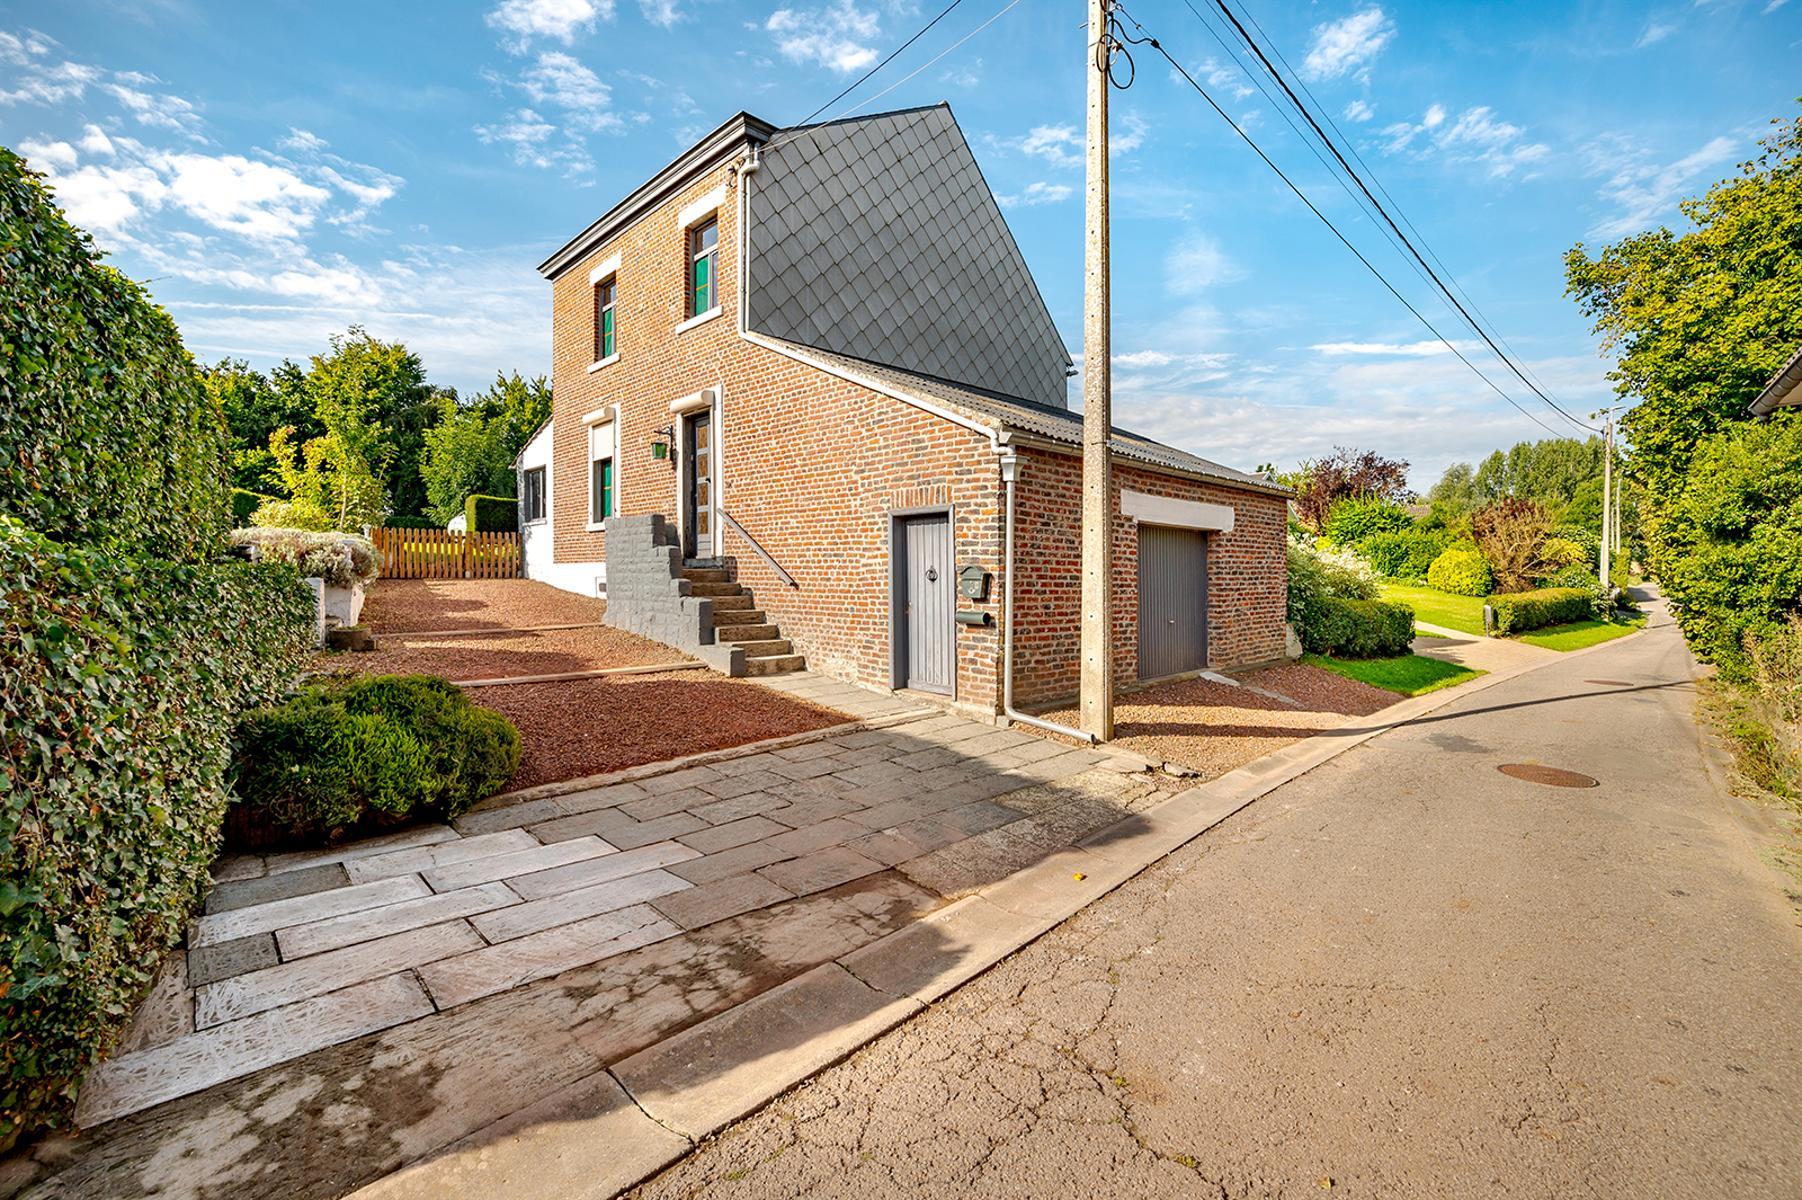 Maison - Braives Villeen-Hesbaye - #4496111-6